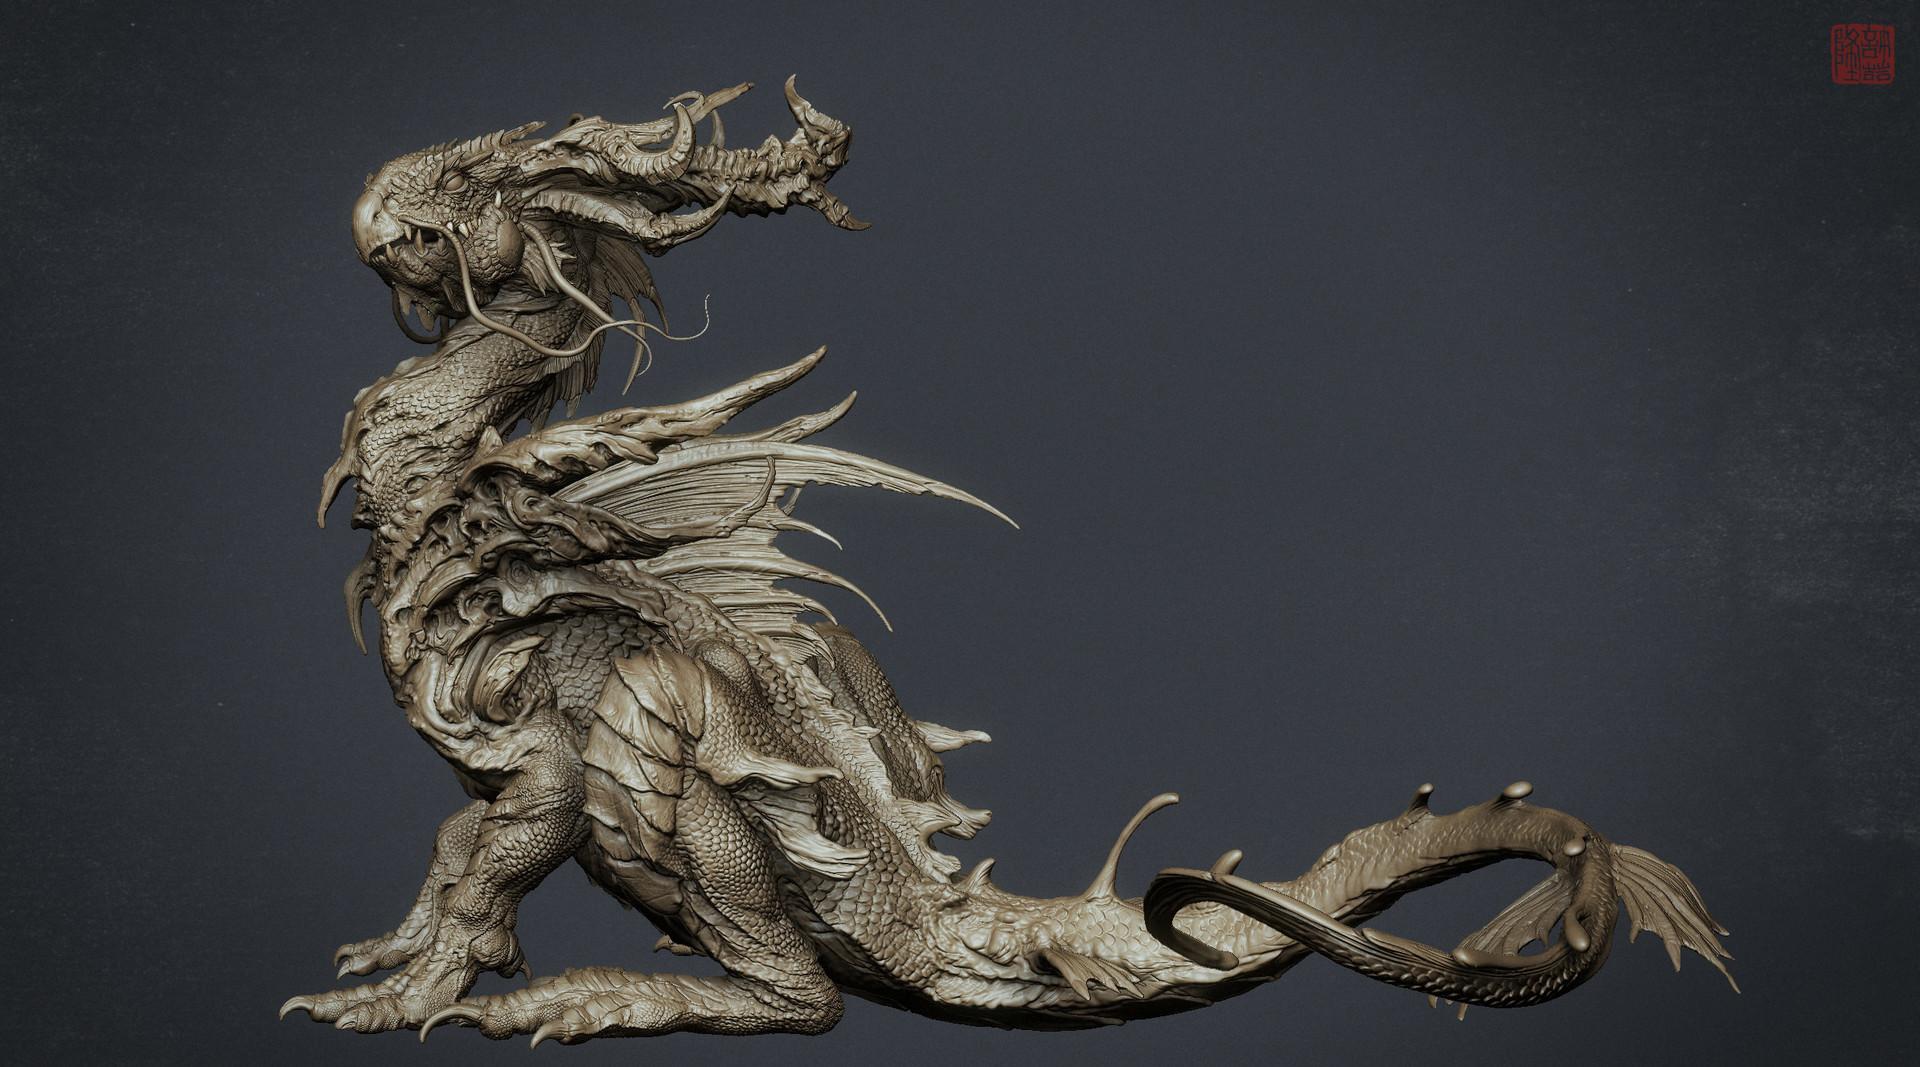 Zhelong xu wip zhelong xu the beta dragon screenshot04